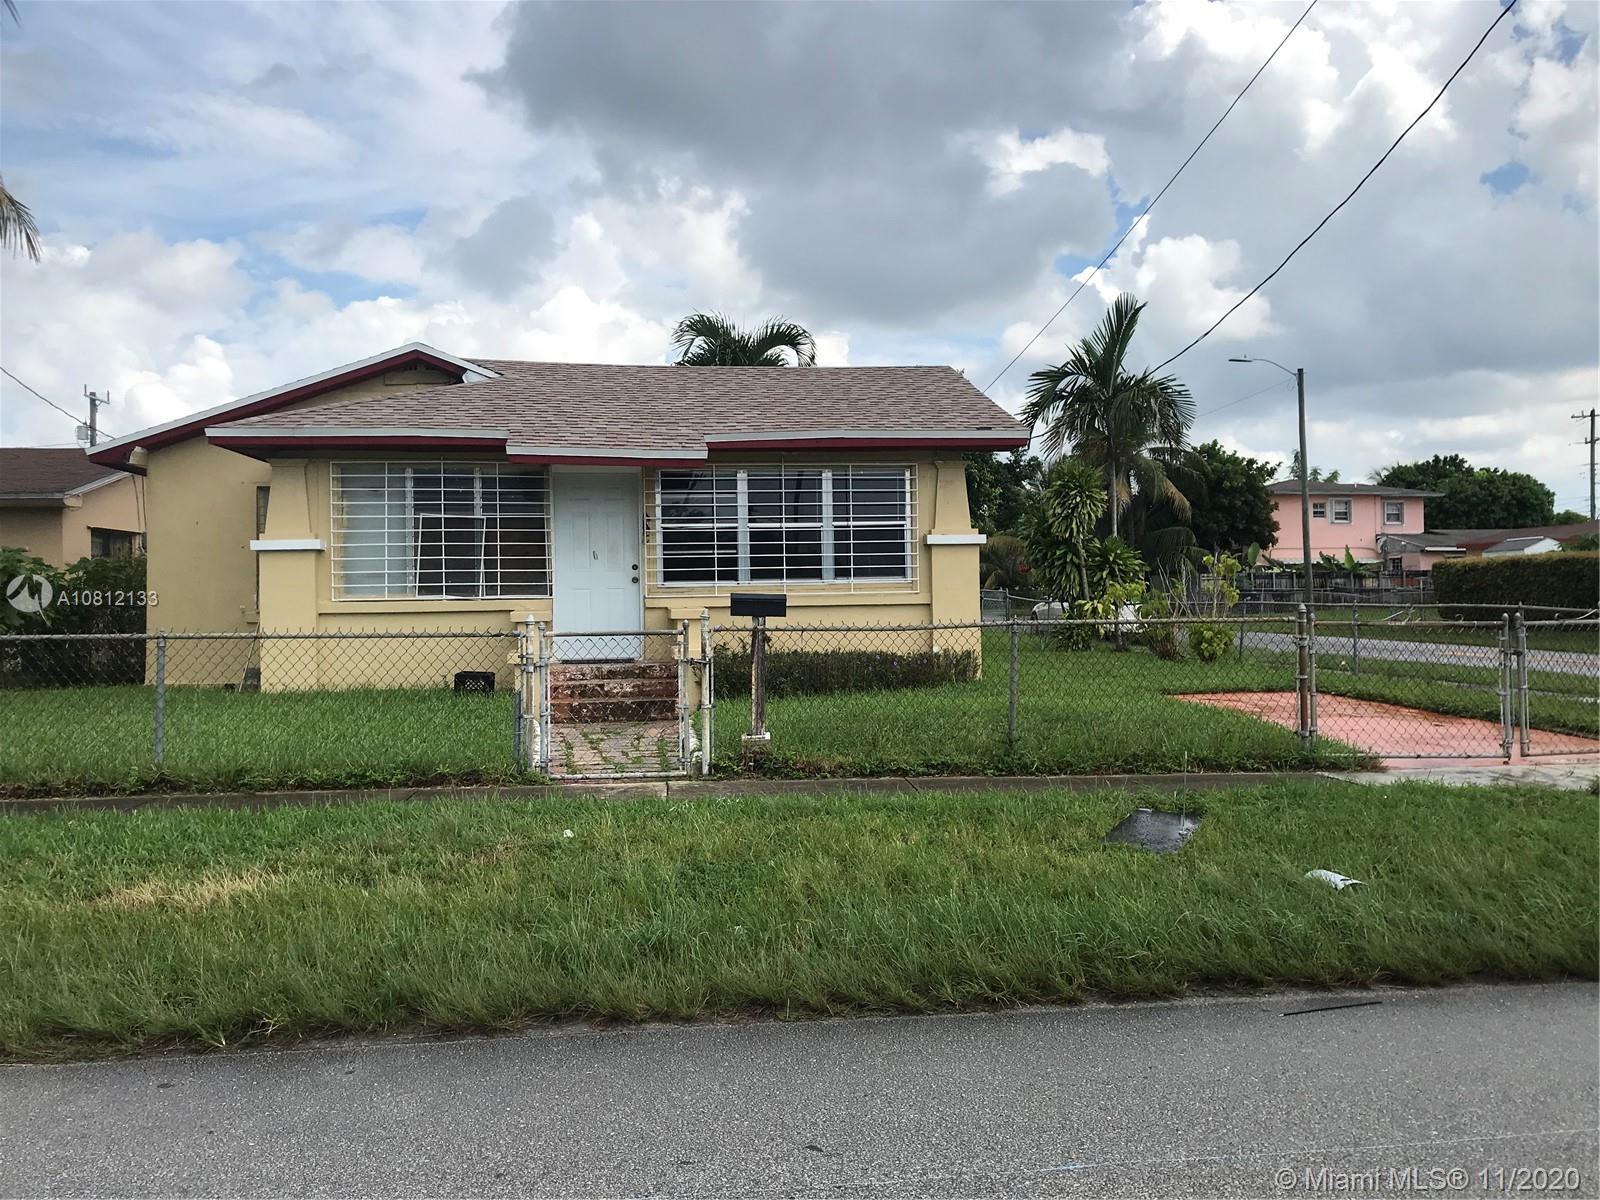 445 Ne 171st St Property Photo